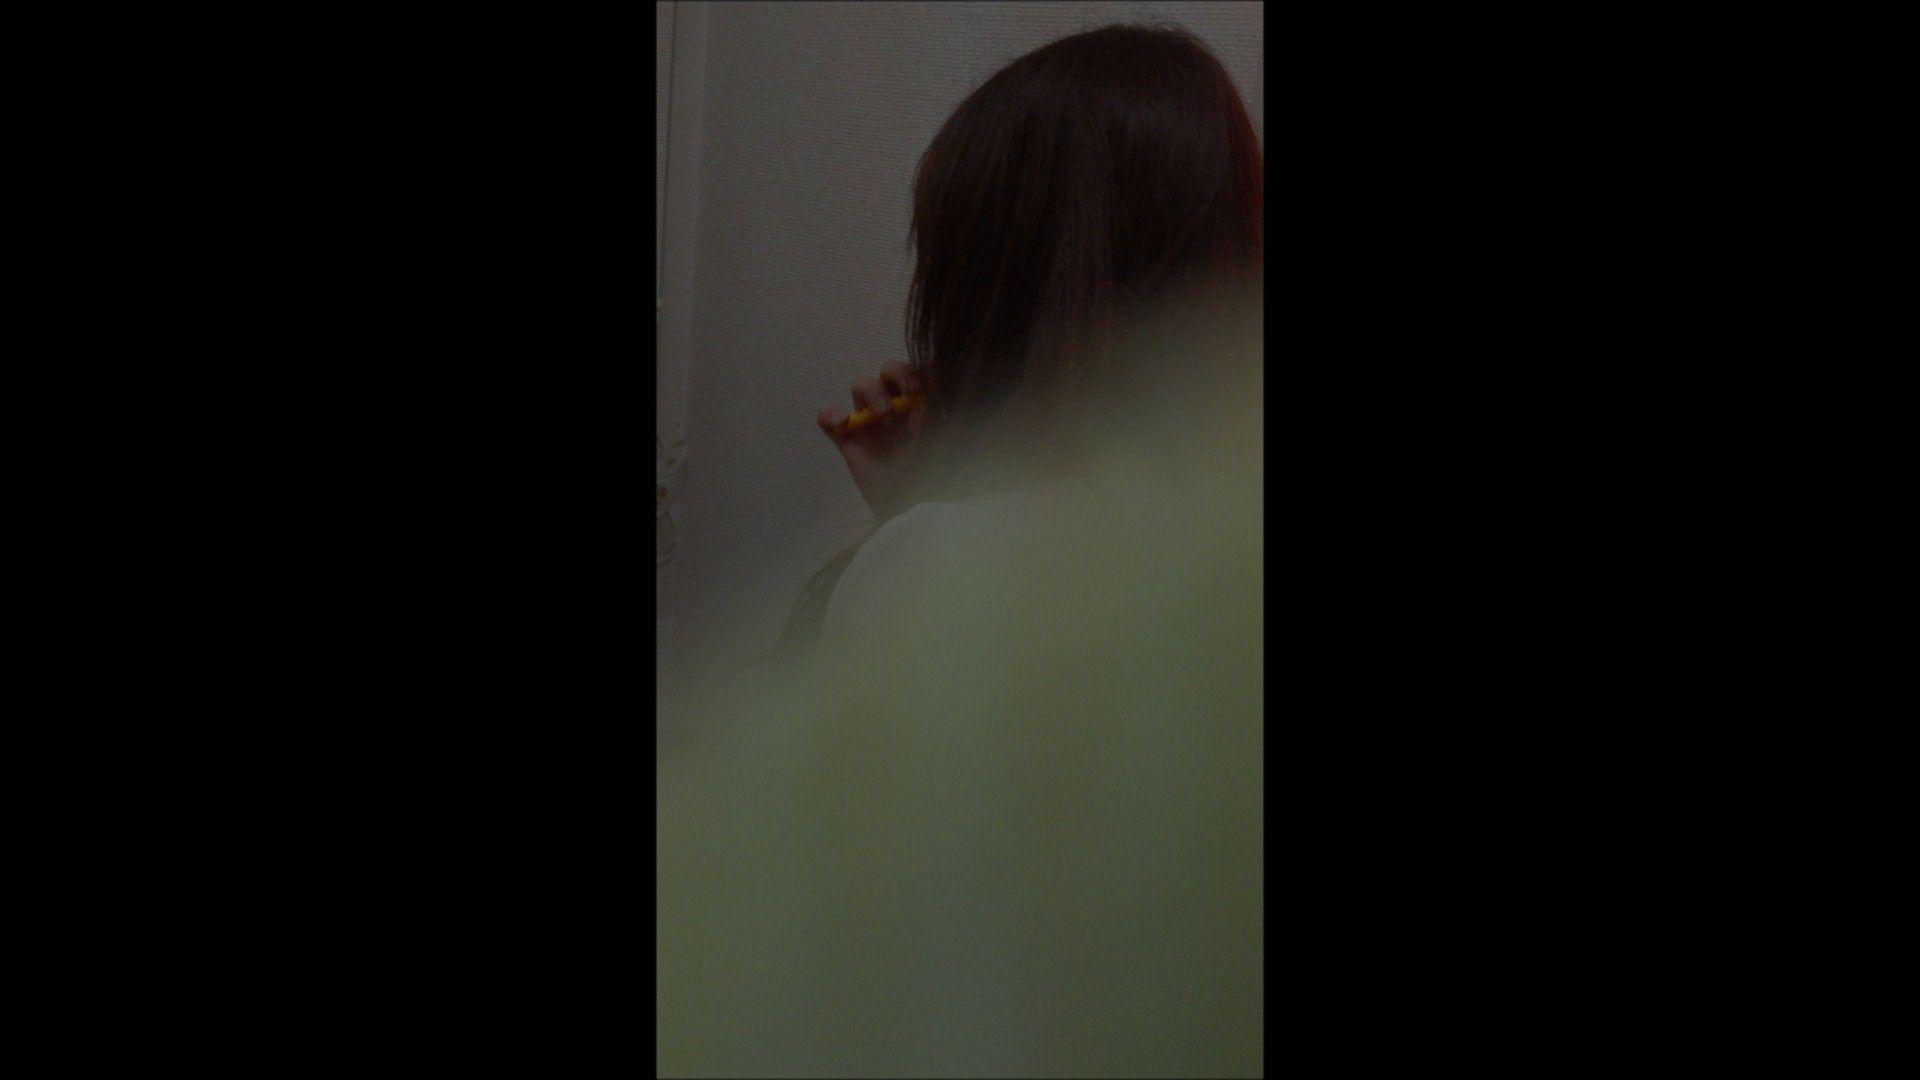 08(8日目)メイク中の彼女の顔を撮りました! マンコ特集 | オマンコ丸見え  59連発 47